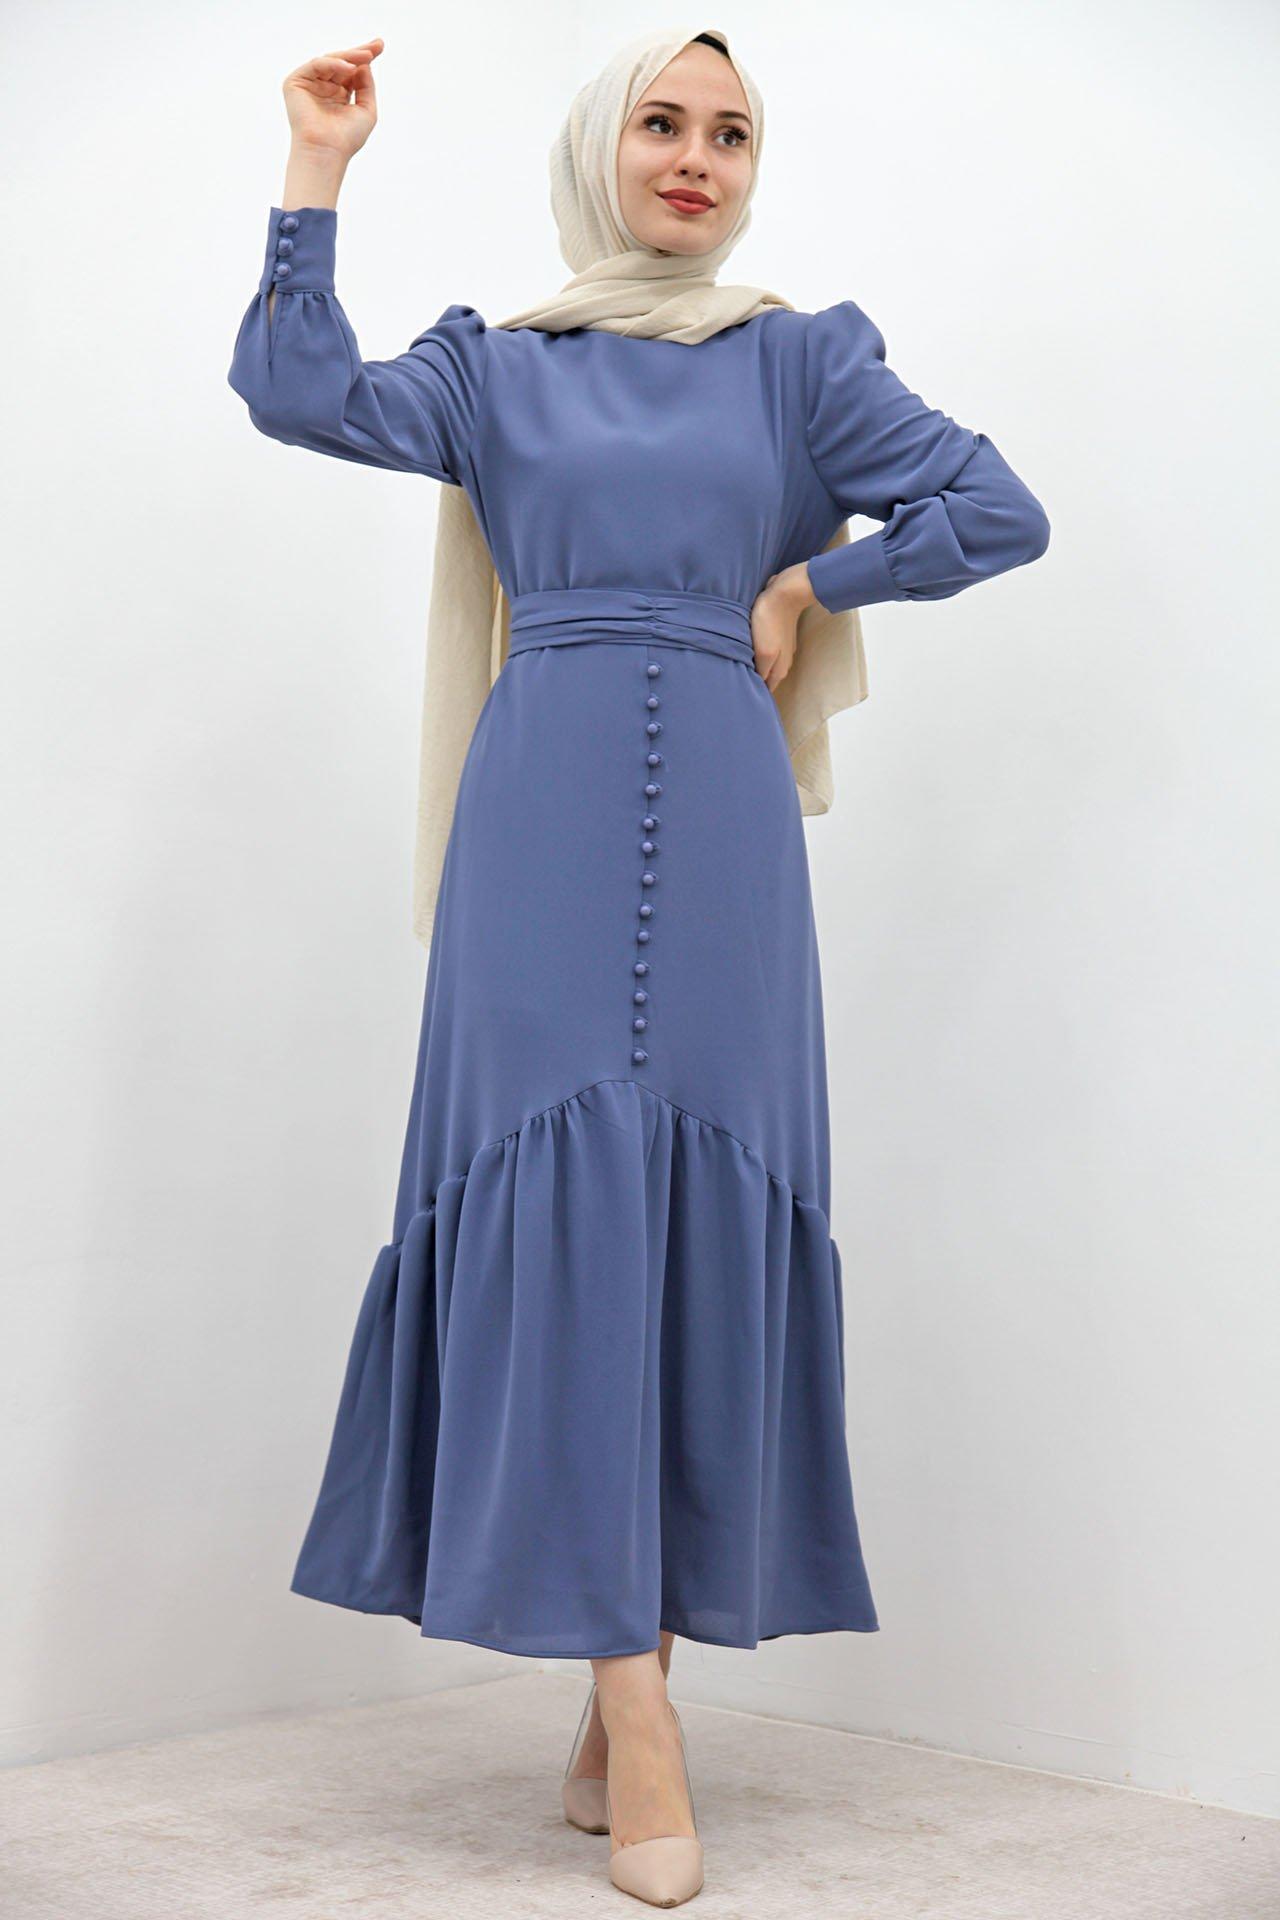 GİZAGİYİM - Düğme Detaylı Kuşaklı Elbise İndigo